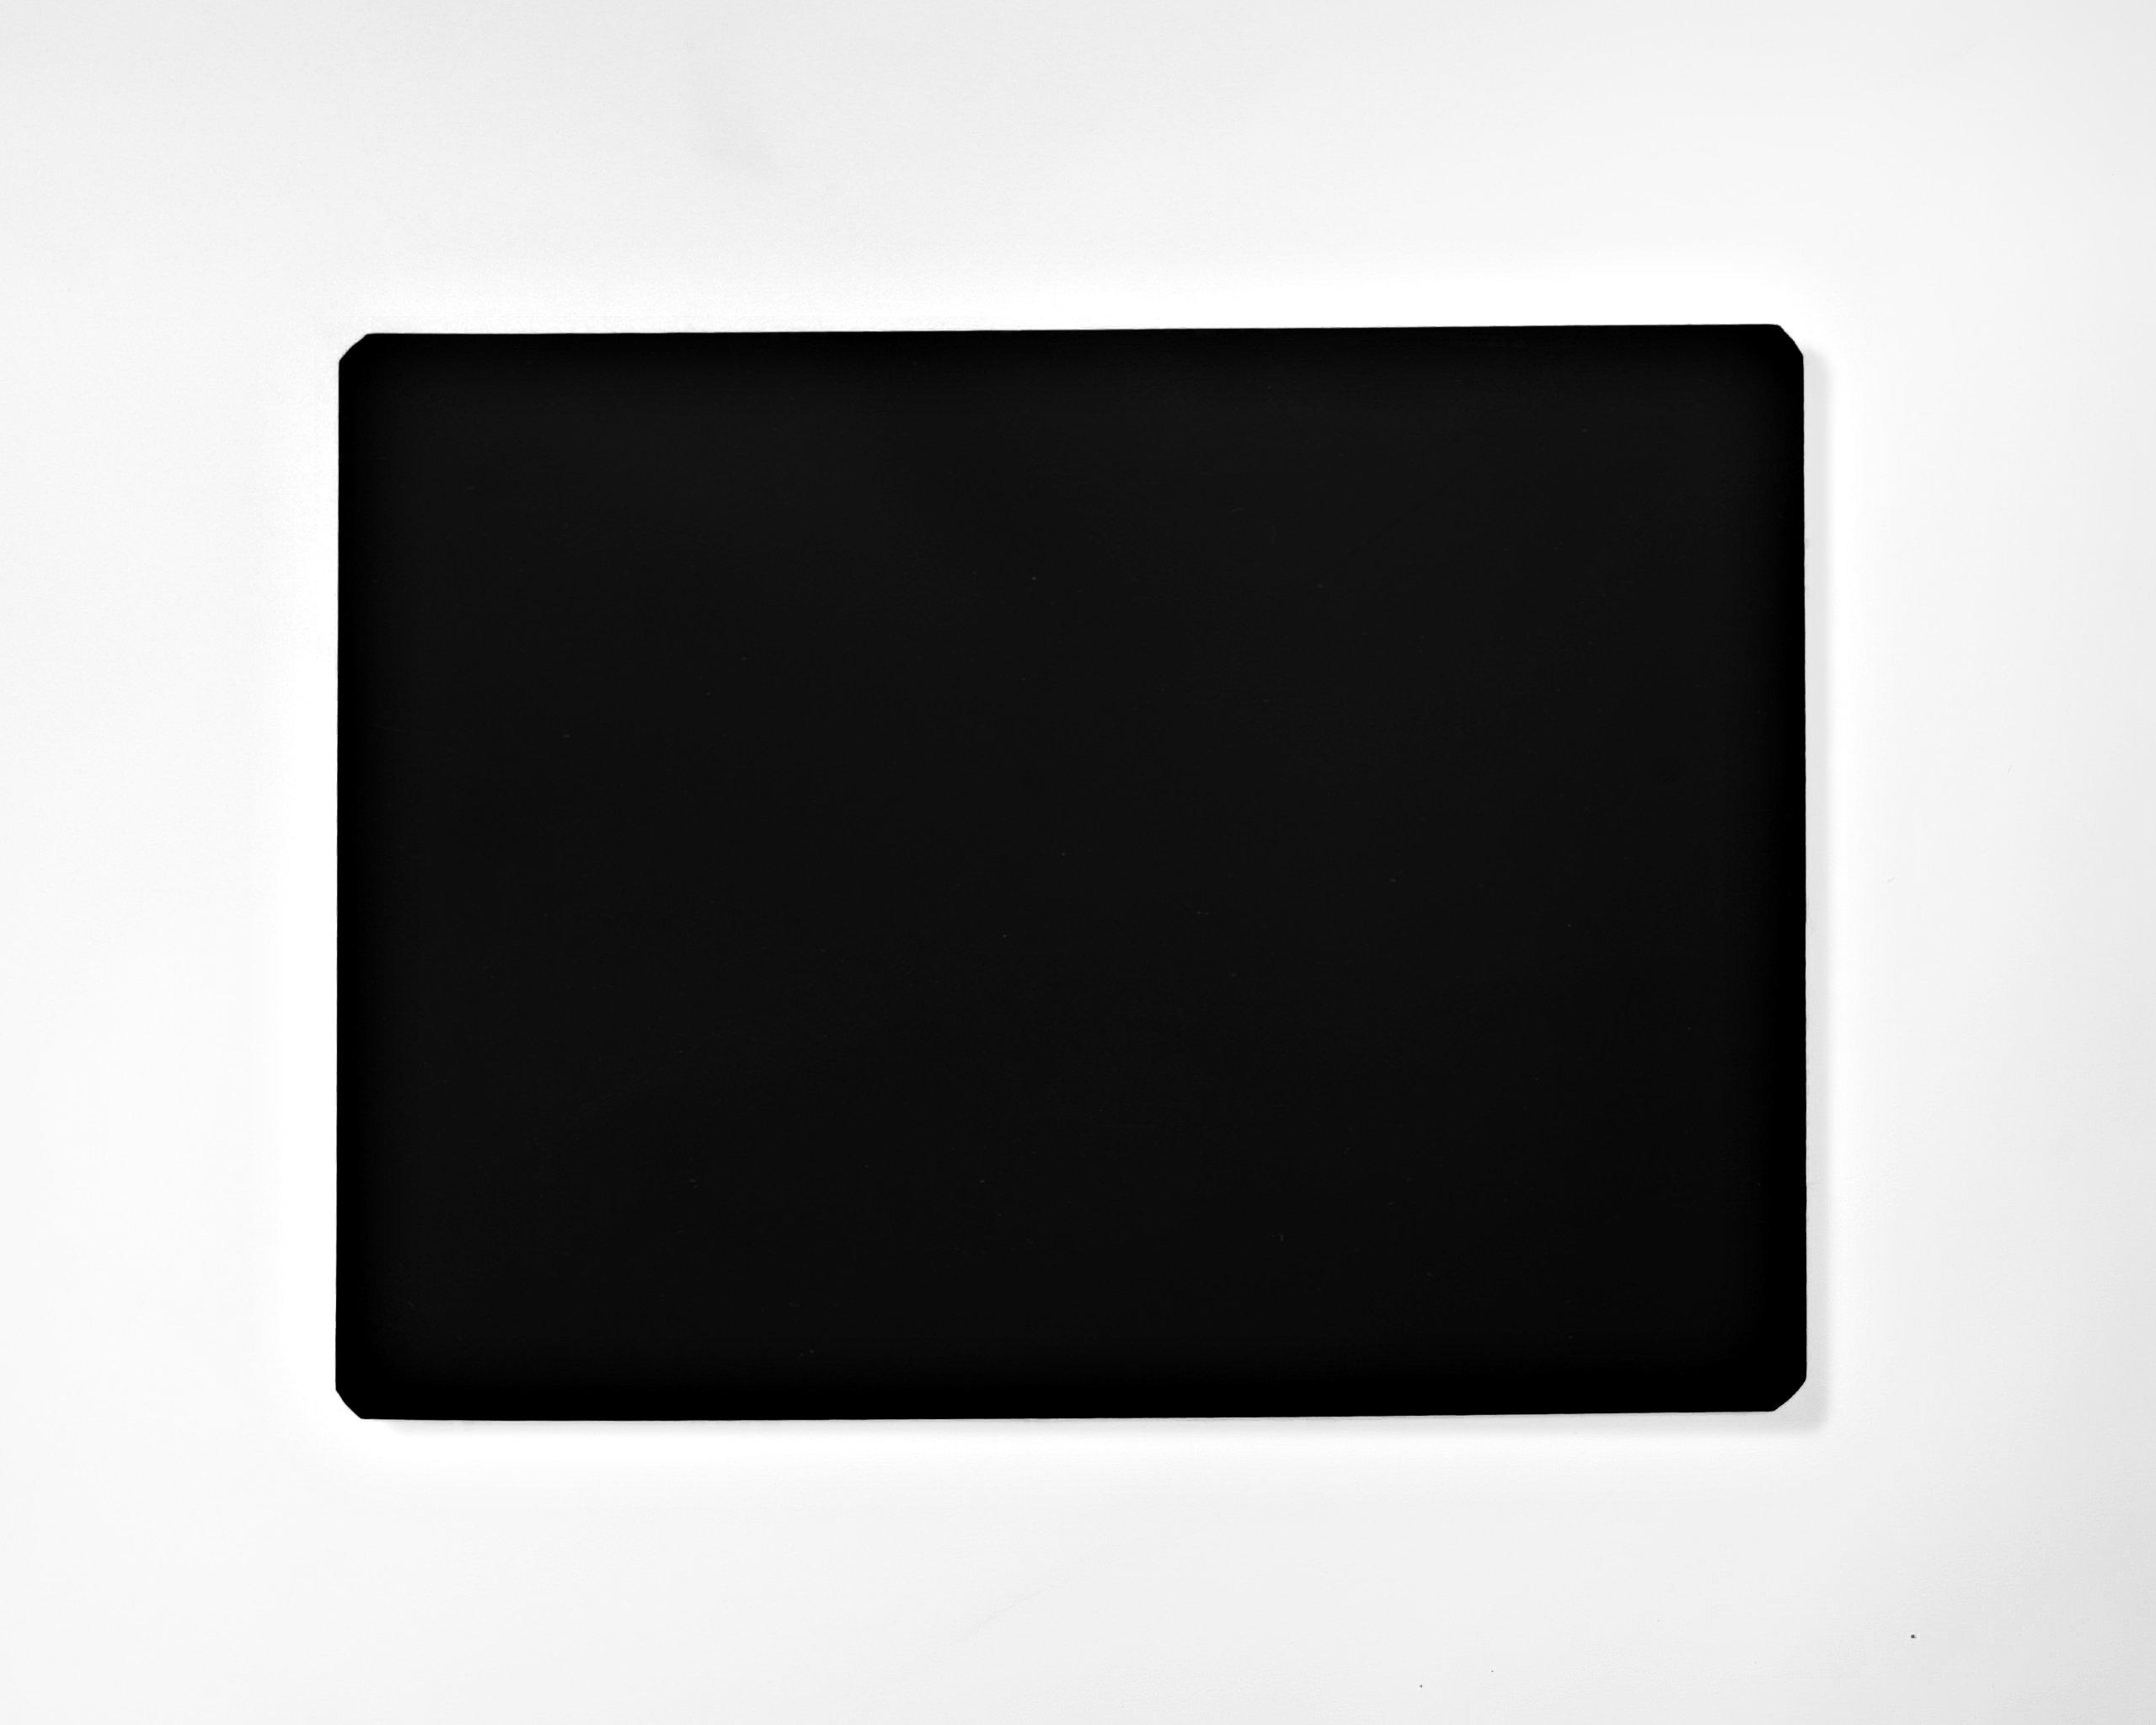 Black - Dry Erase Magnetic Sheet - 12'' X 18'' - 1 Sheet